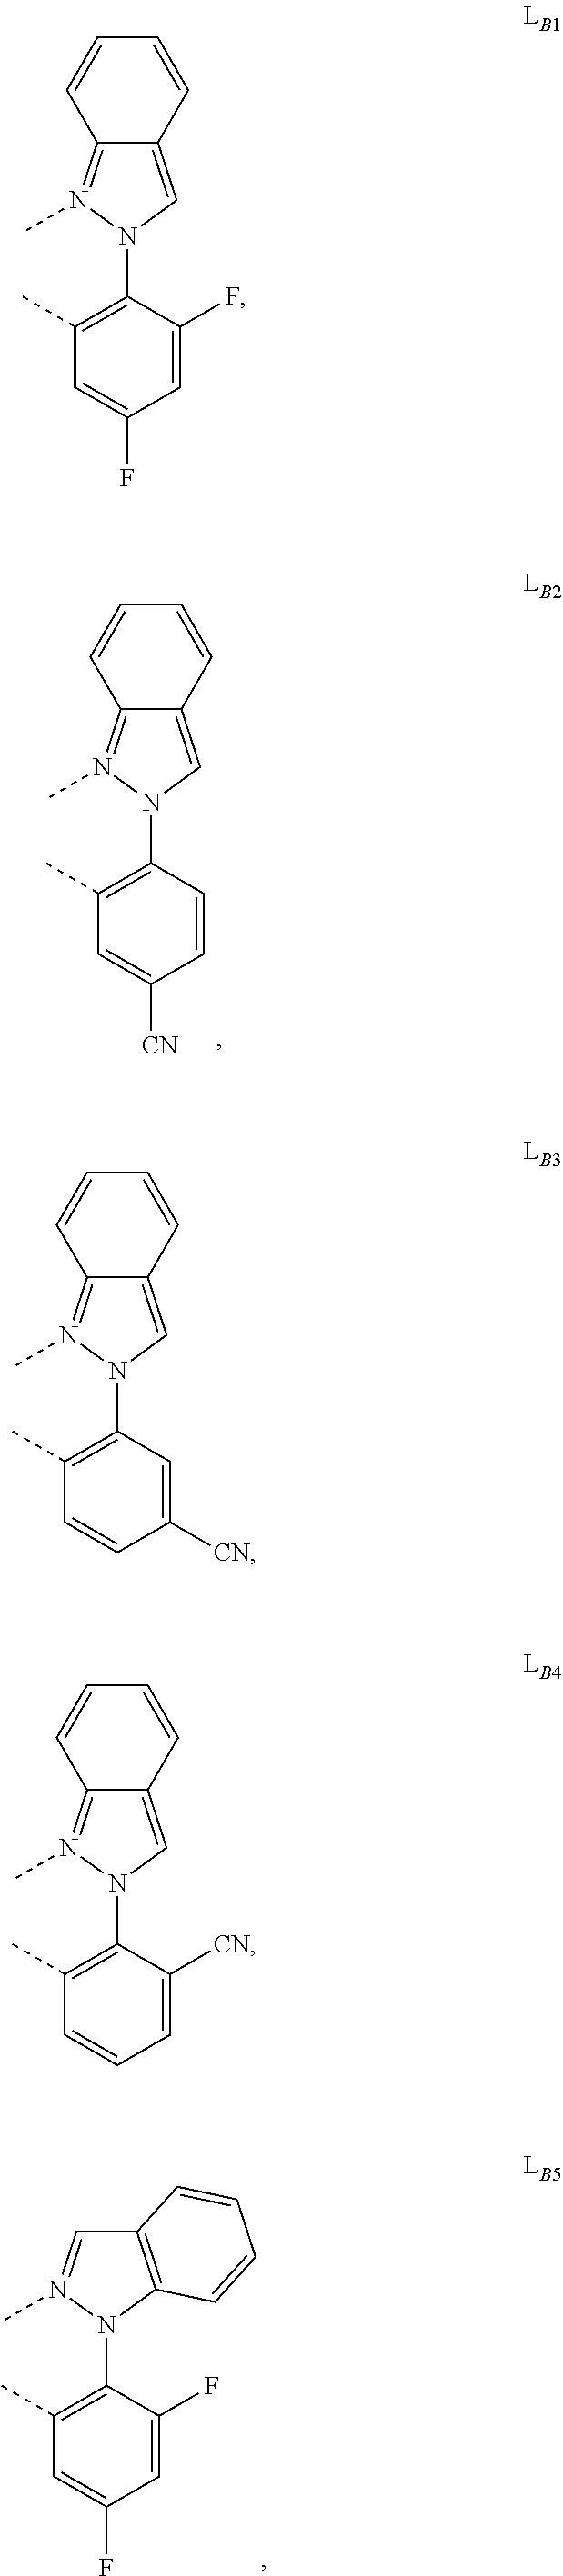 Figure US09905785-20180227-C00557